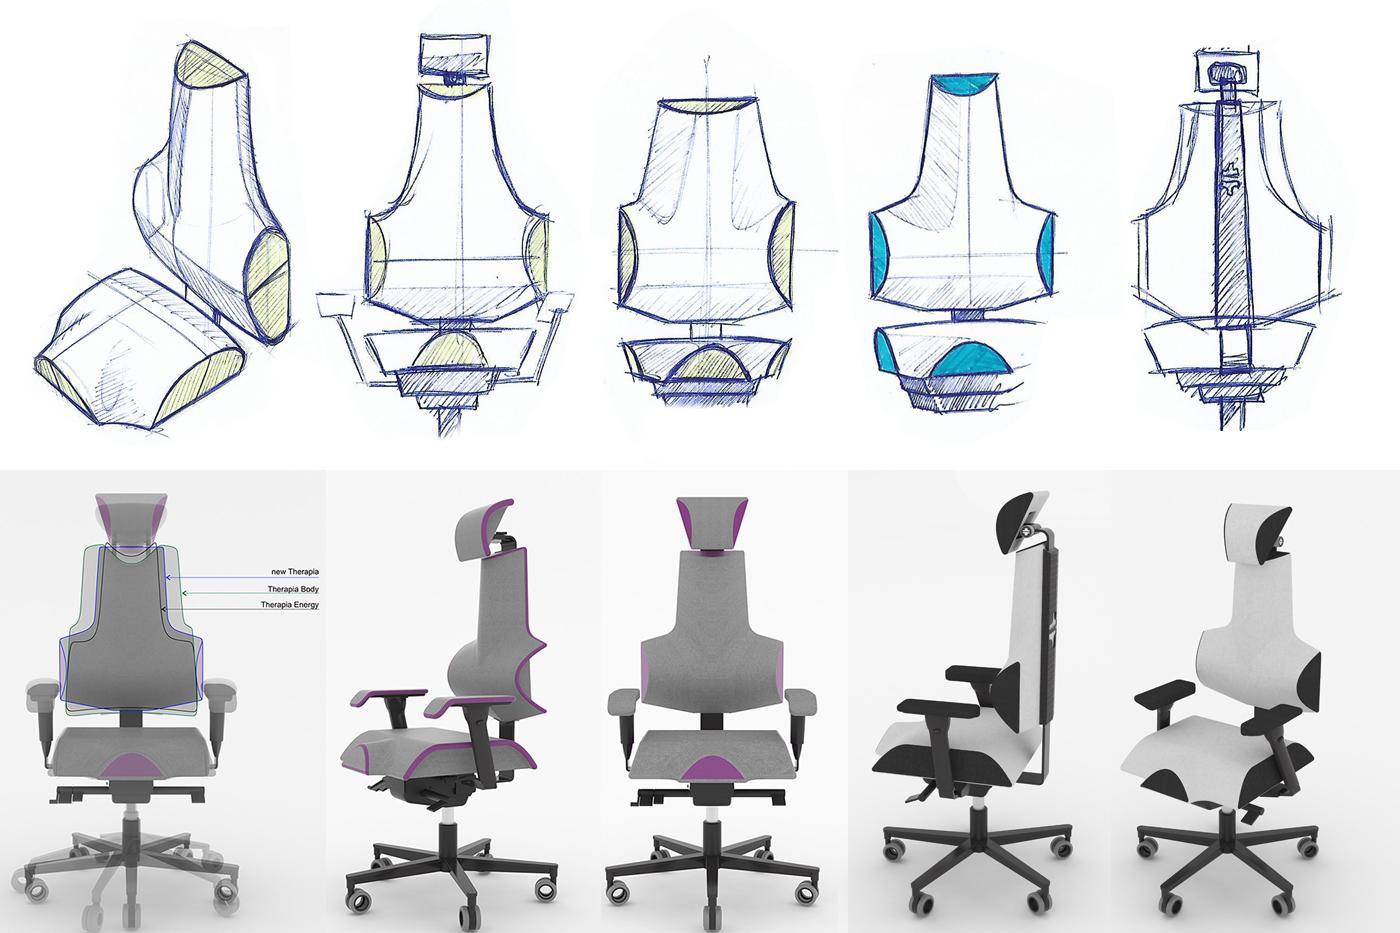 Designový proces probíhal od prvních skic, přes 3D modely a prototypy po první sérii.